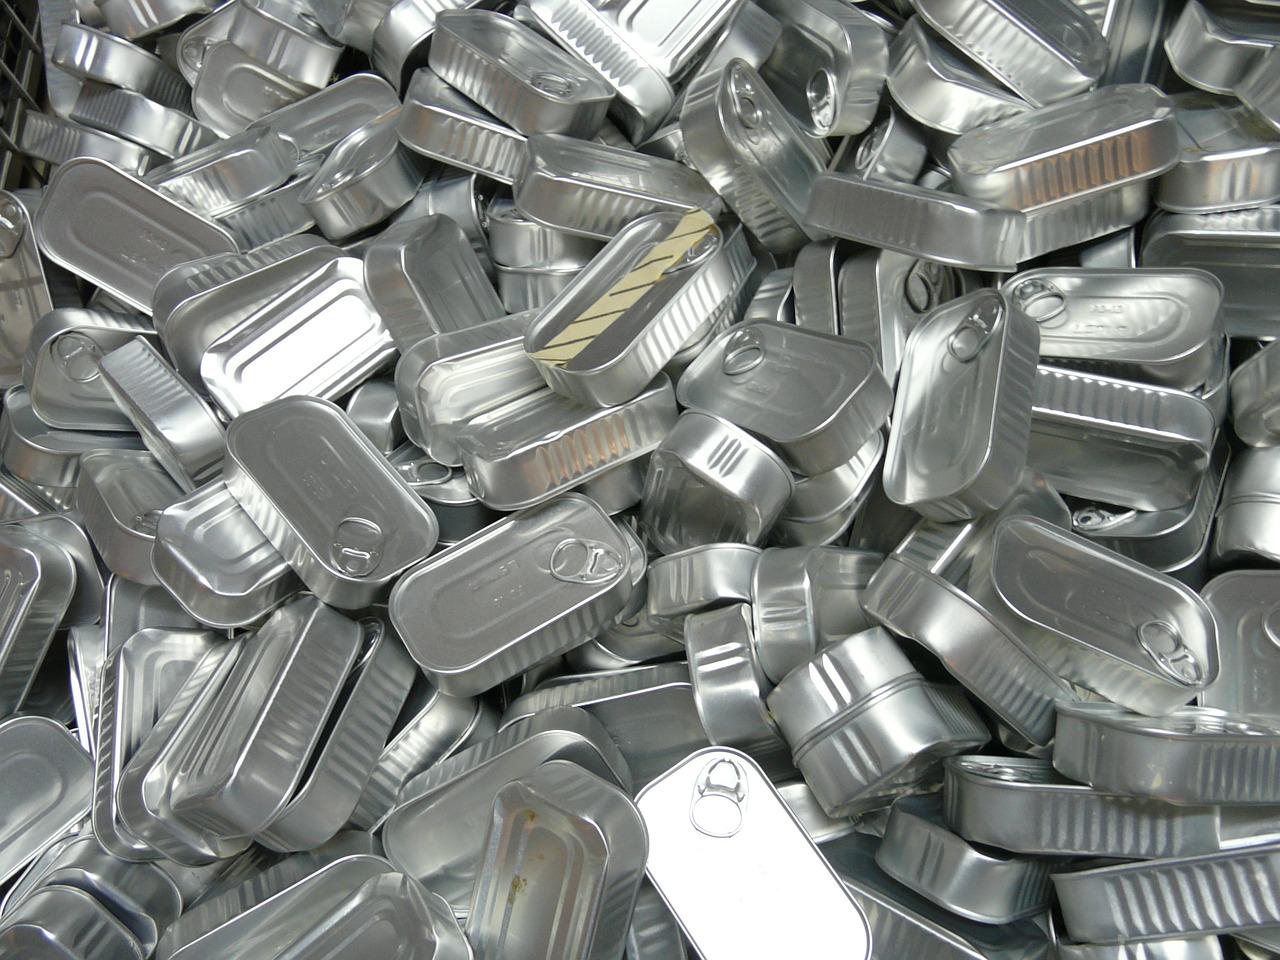 une barquette aluminium au micro-onde